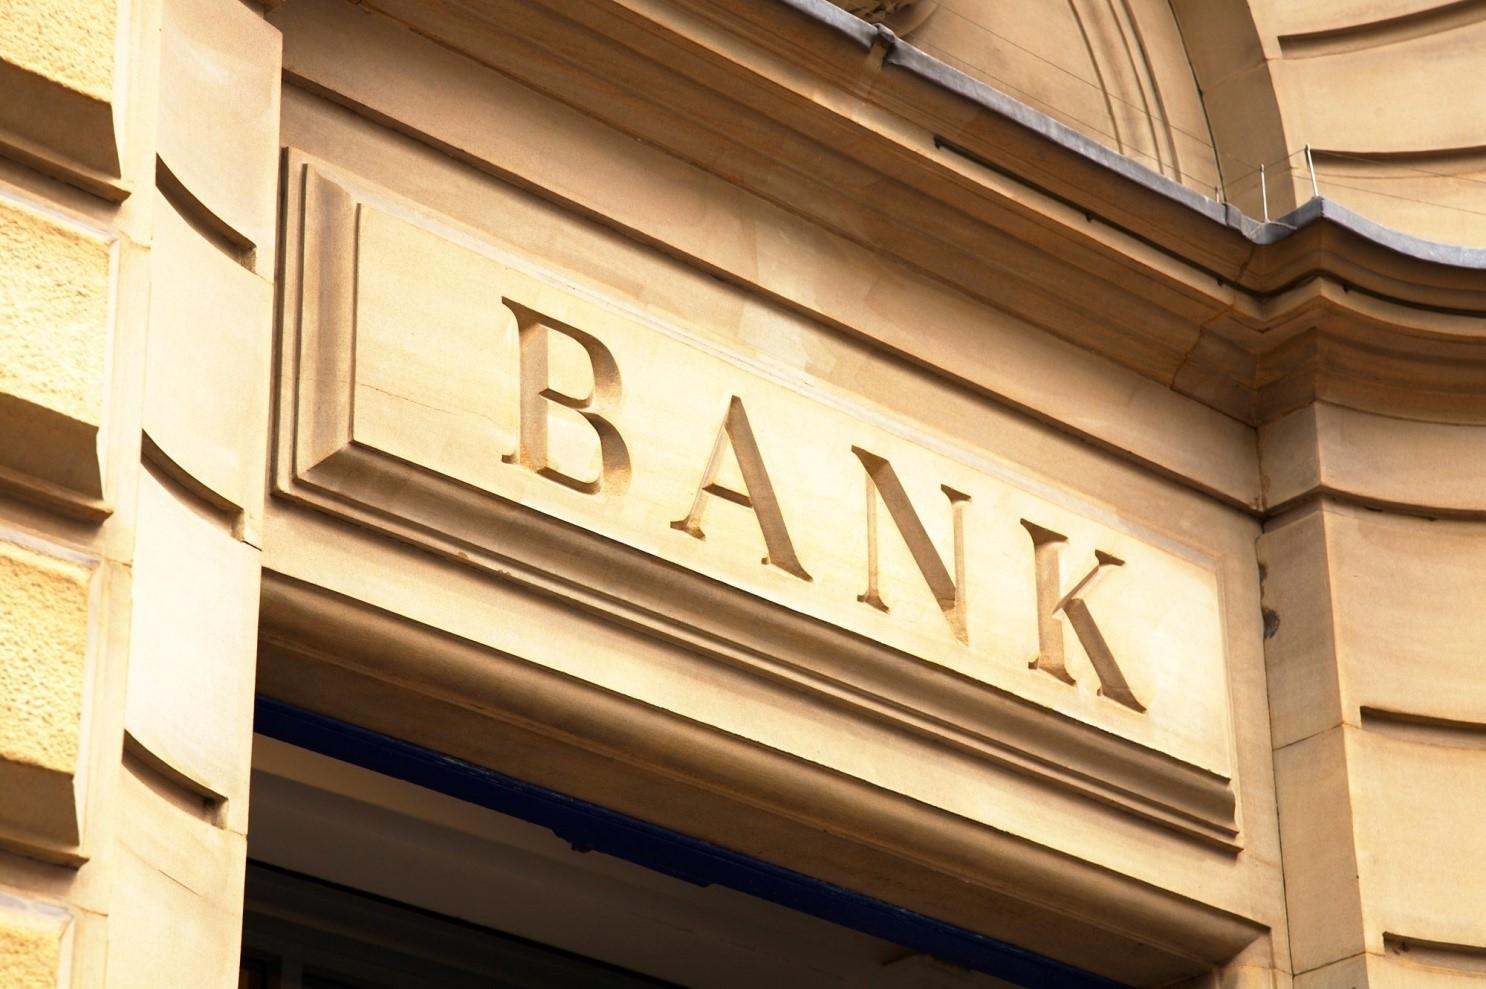 Охранник в банке: особенности профессии и важные качества для сотрудника